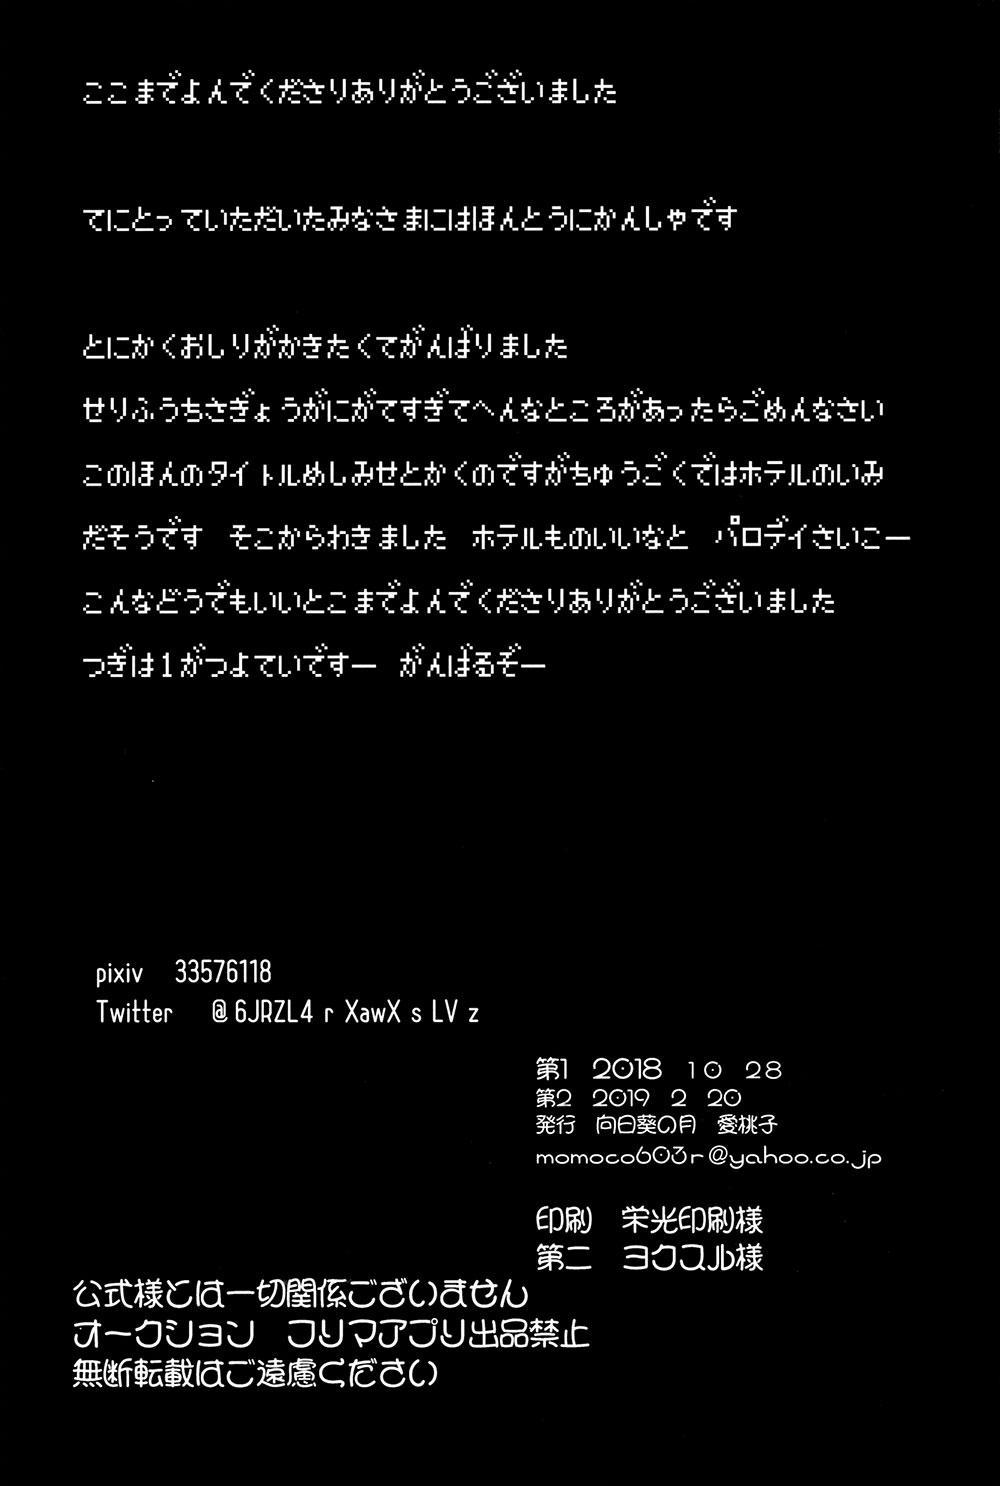 Shinshin Hanten e Youkoso 24